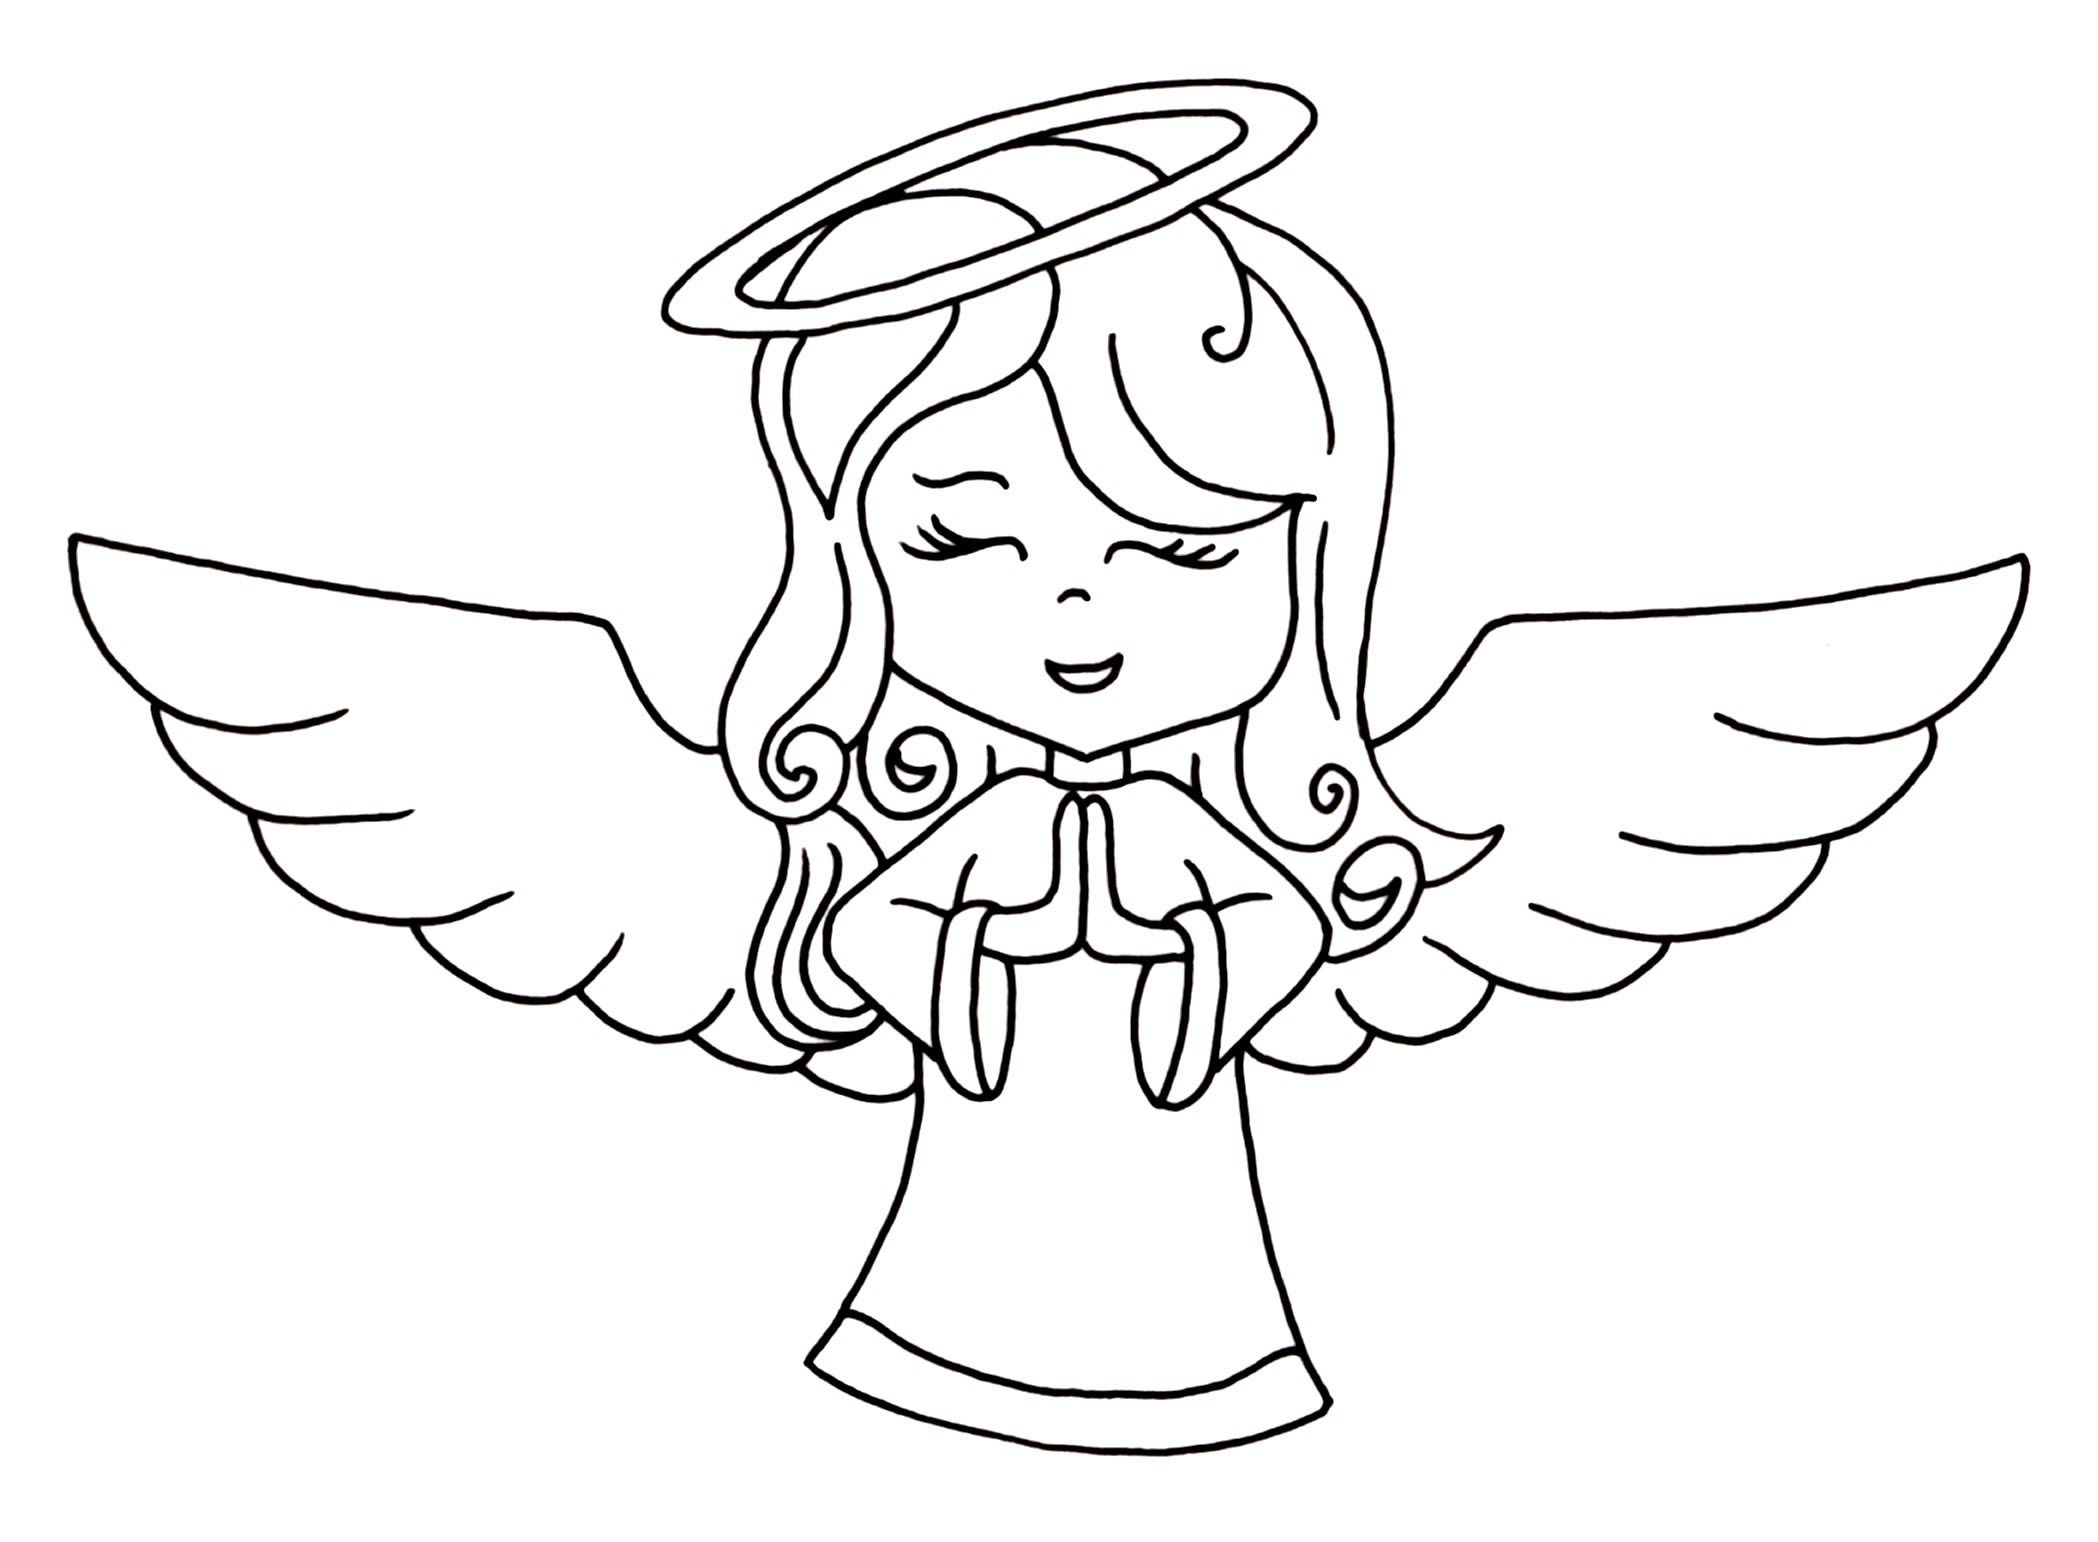 Imagenes de angeles para colorear para niños | ángeles para colorear